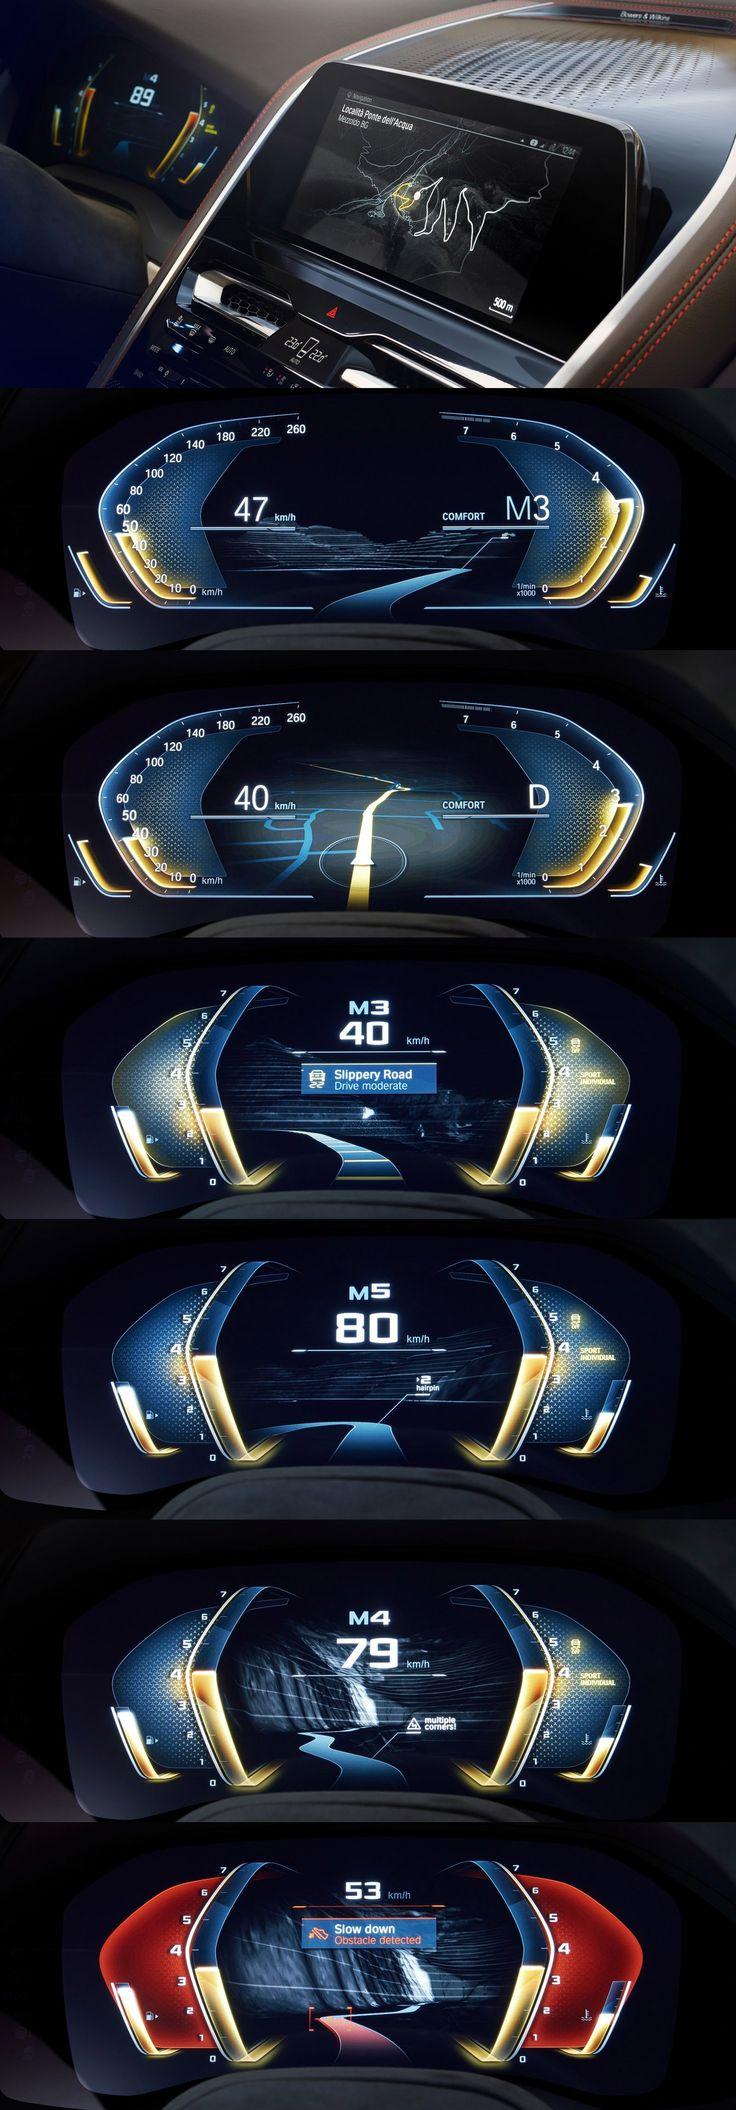 BMW-8-Series_Concept-2017_UI - UX Design